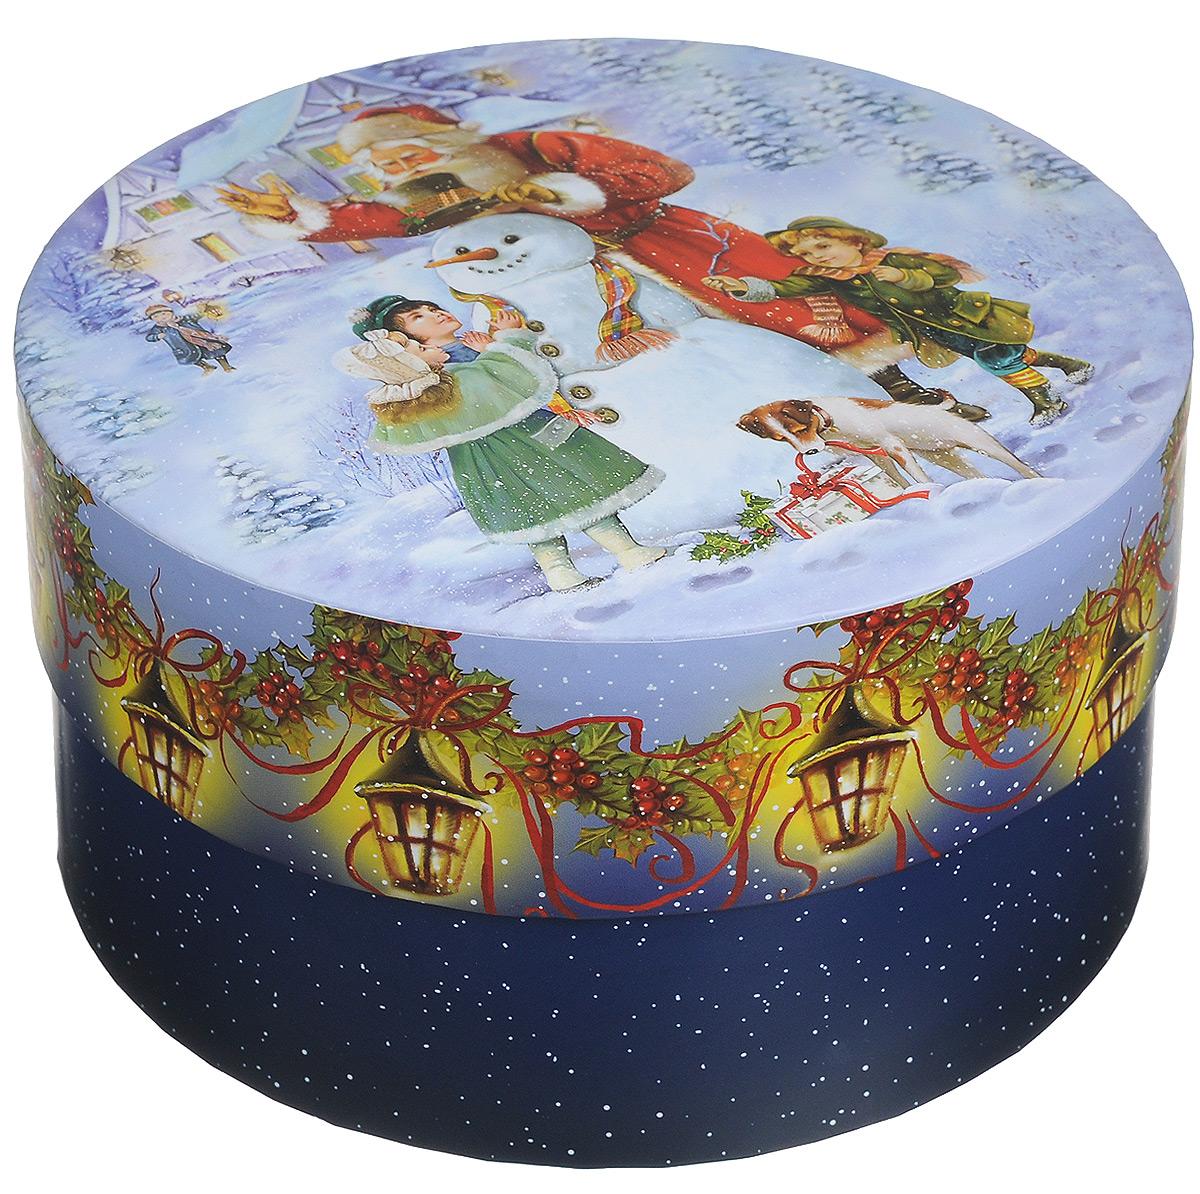 Коробка шляпная Правила Успеха Снежные забавы, 18 х 18 х 10 см4610009210773Подарочная коробка Правила Успеха Снежные забавы выполнена из высококачественного плотного картона и предназначена для праздничной упаковки новогодних подарков. Коробка декорирована новогодним рисунком. Подарок, преподнесенный в оригинальной упаковке, всегда будет самым эффектным и запоминающимся. Окружите близких людей вниманием и заботой, вручив презент в нарядном, праздничном оформлении.